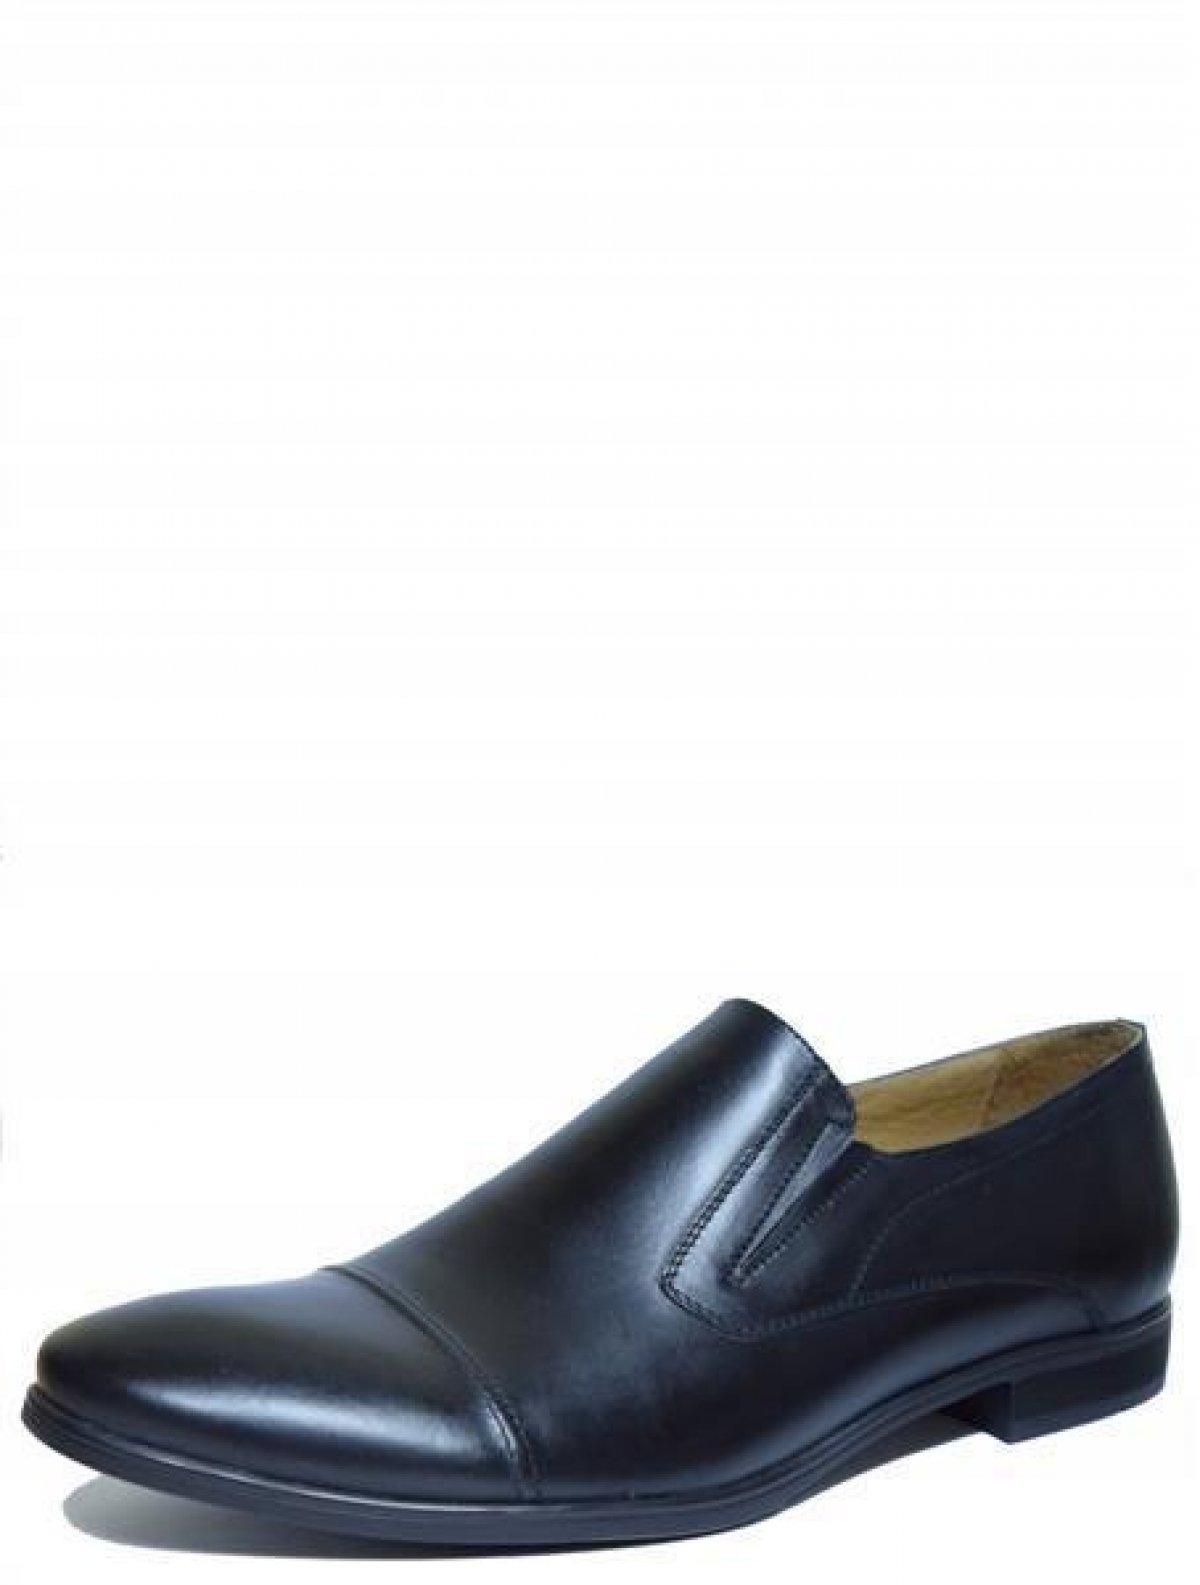 RU8404/B999 мужские туфли